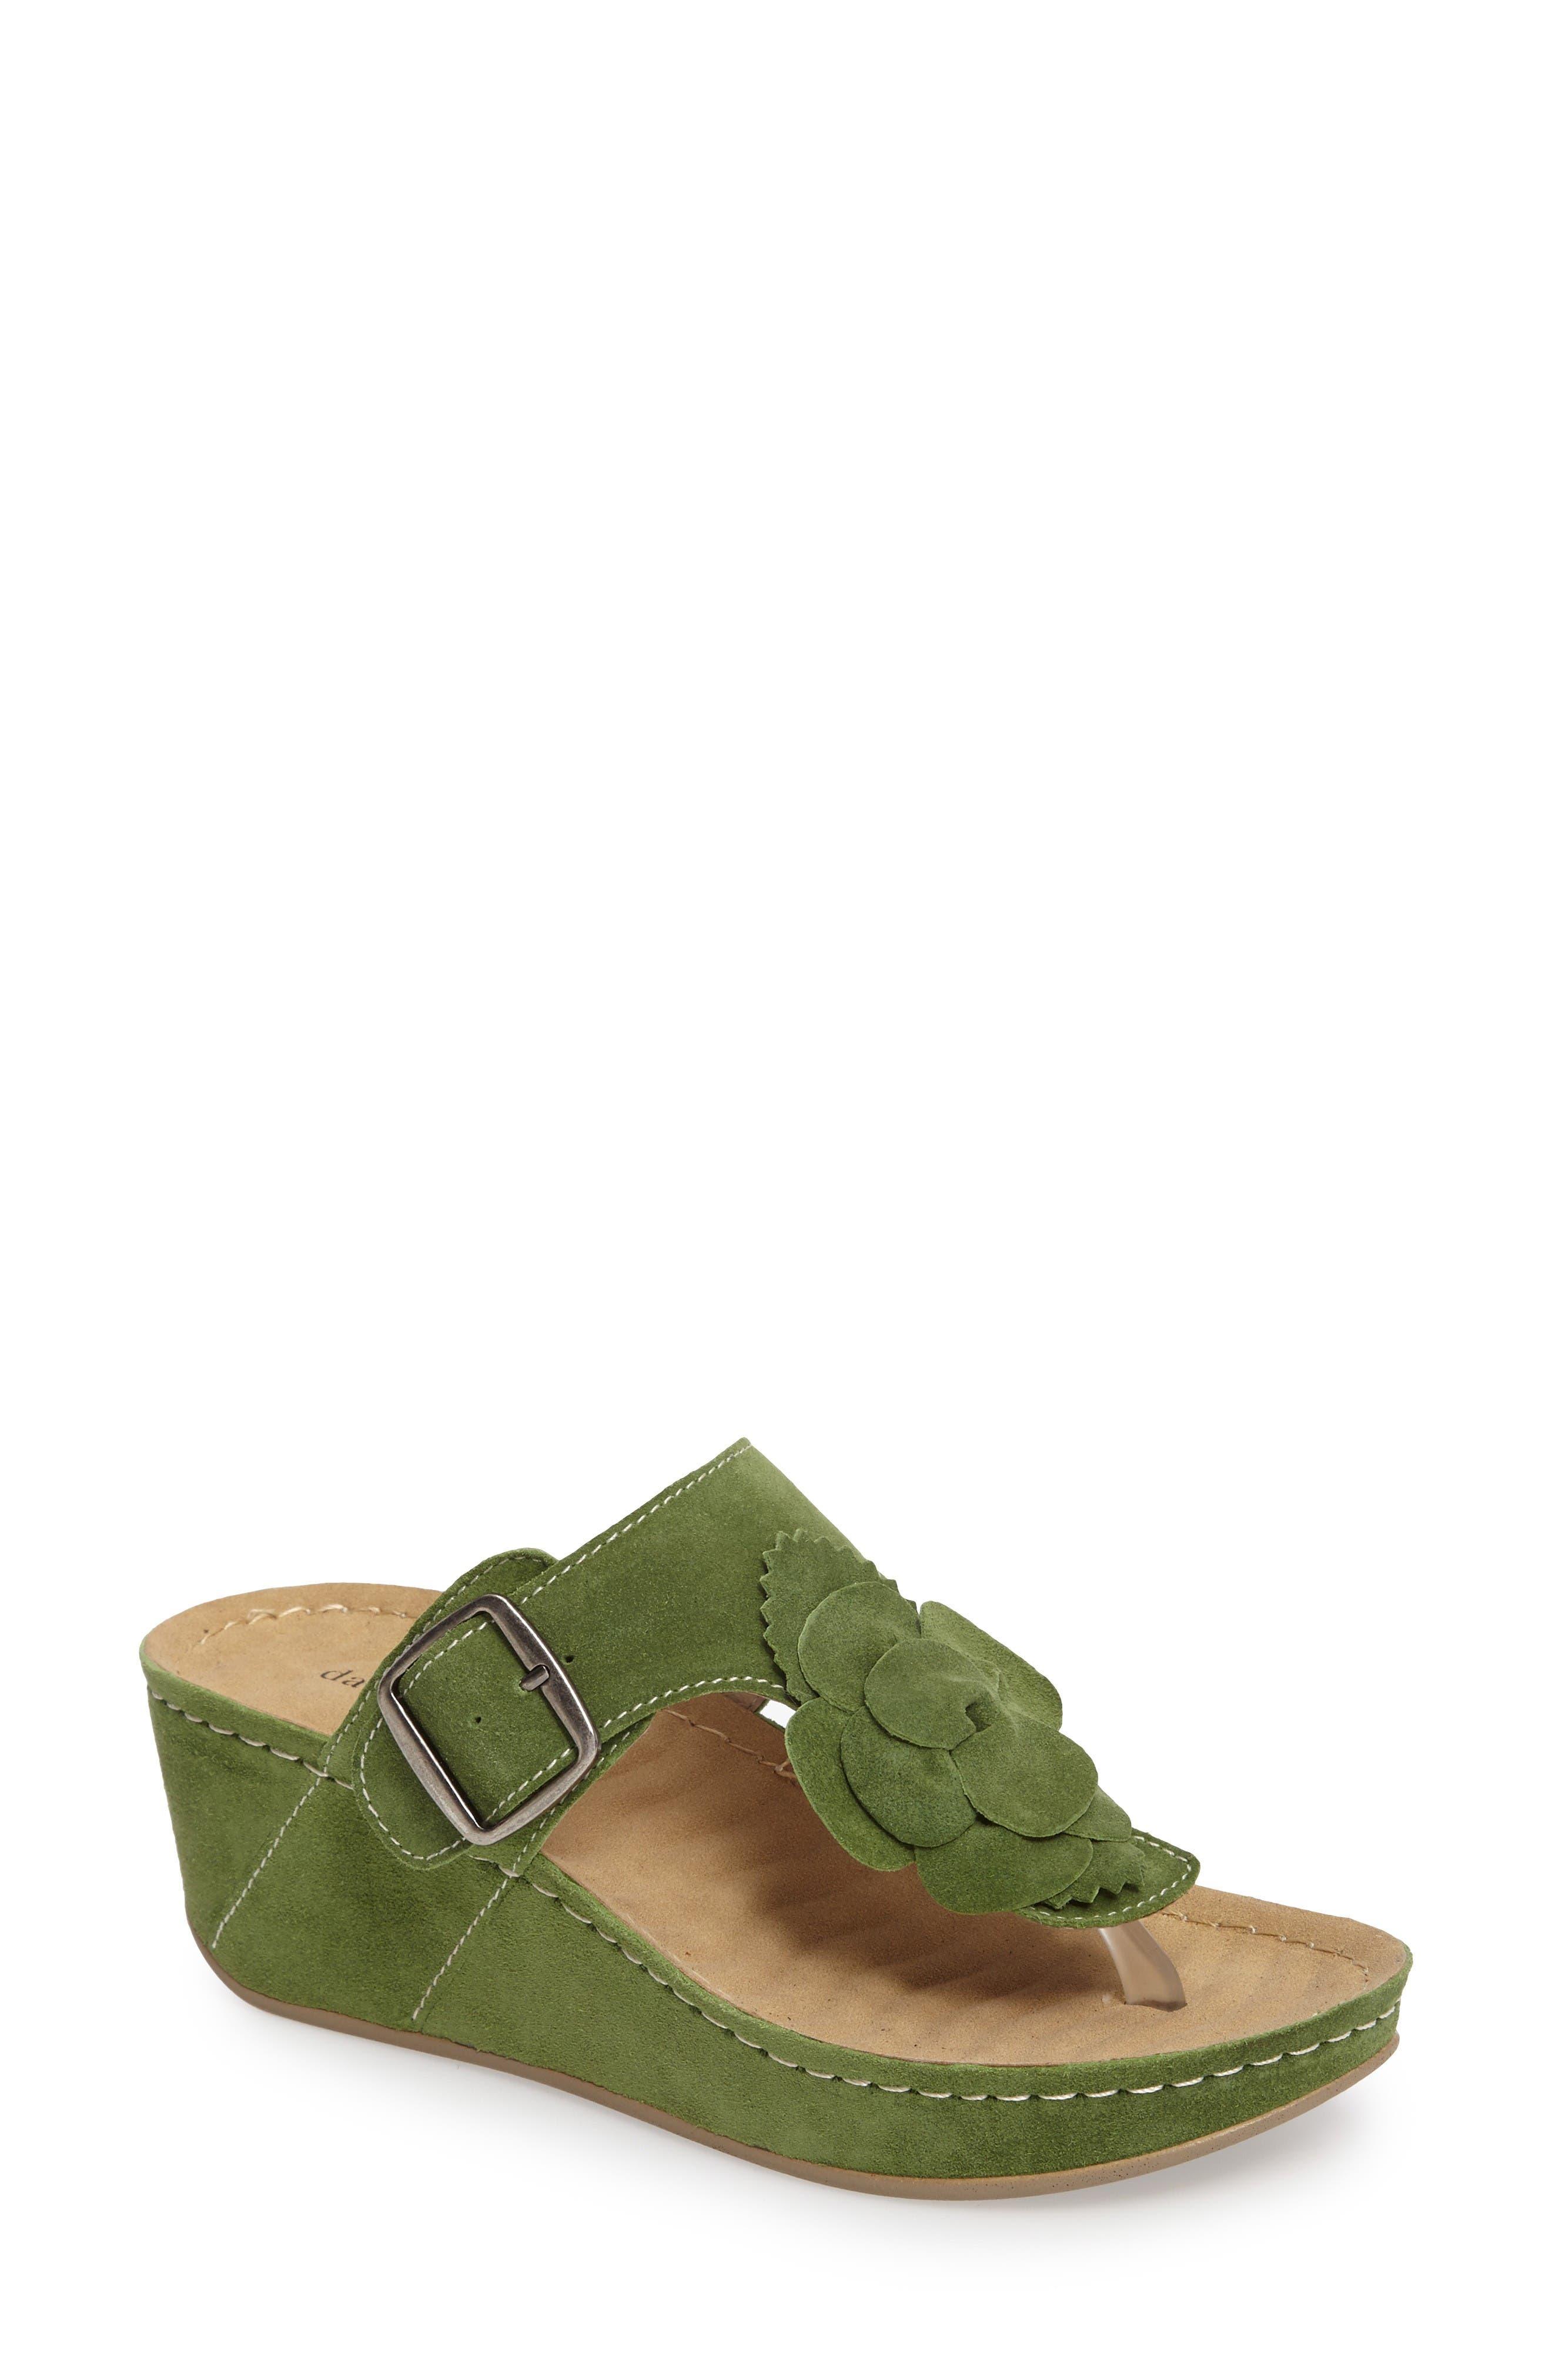 David Tate Spring Platform Wedge Sandal (Women)